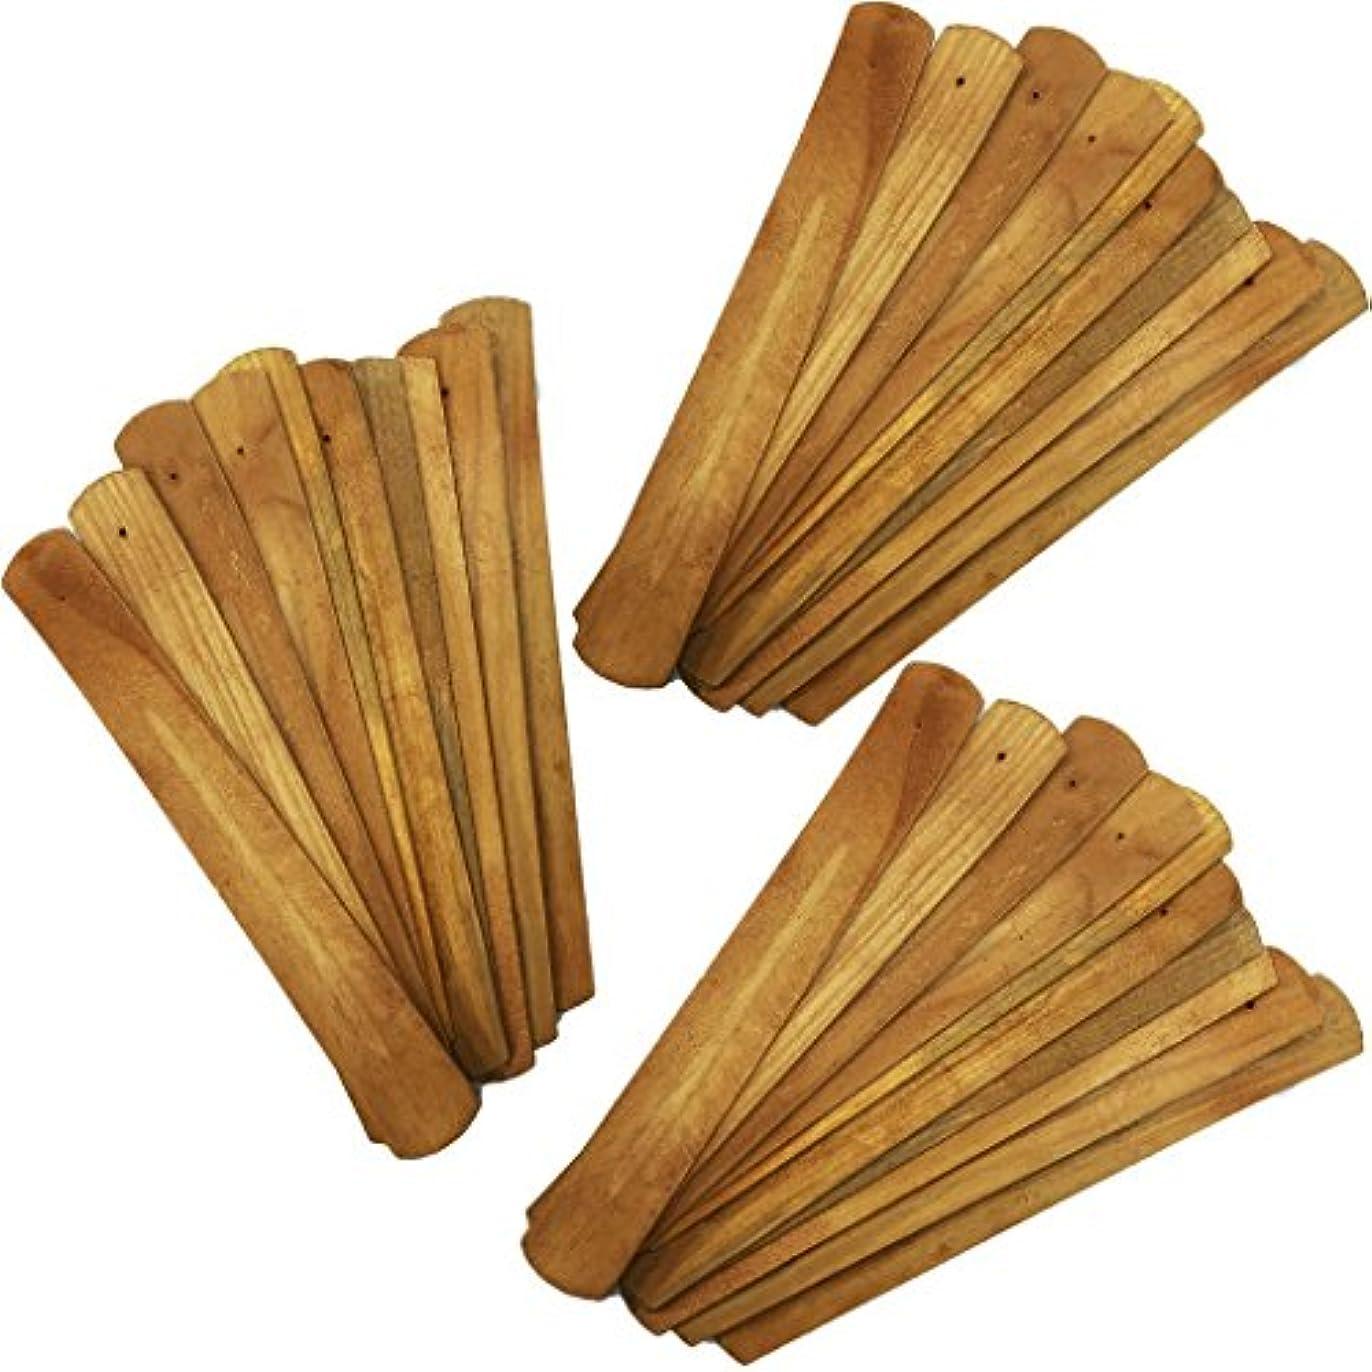 ハードリング警告普通の(30) - 30pcs Handmade Plain Wood Wooden Incense Stick Holder Burner Ash Catcher Natural Design Buddhist (30)